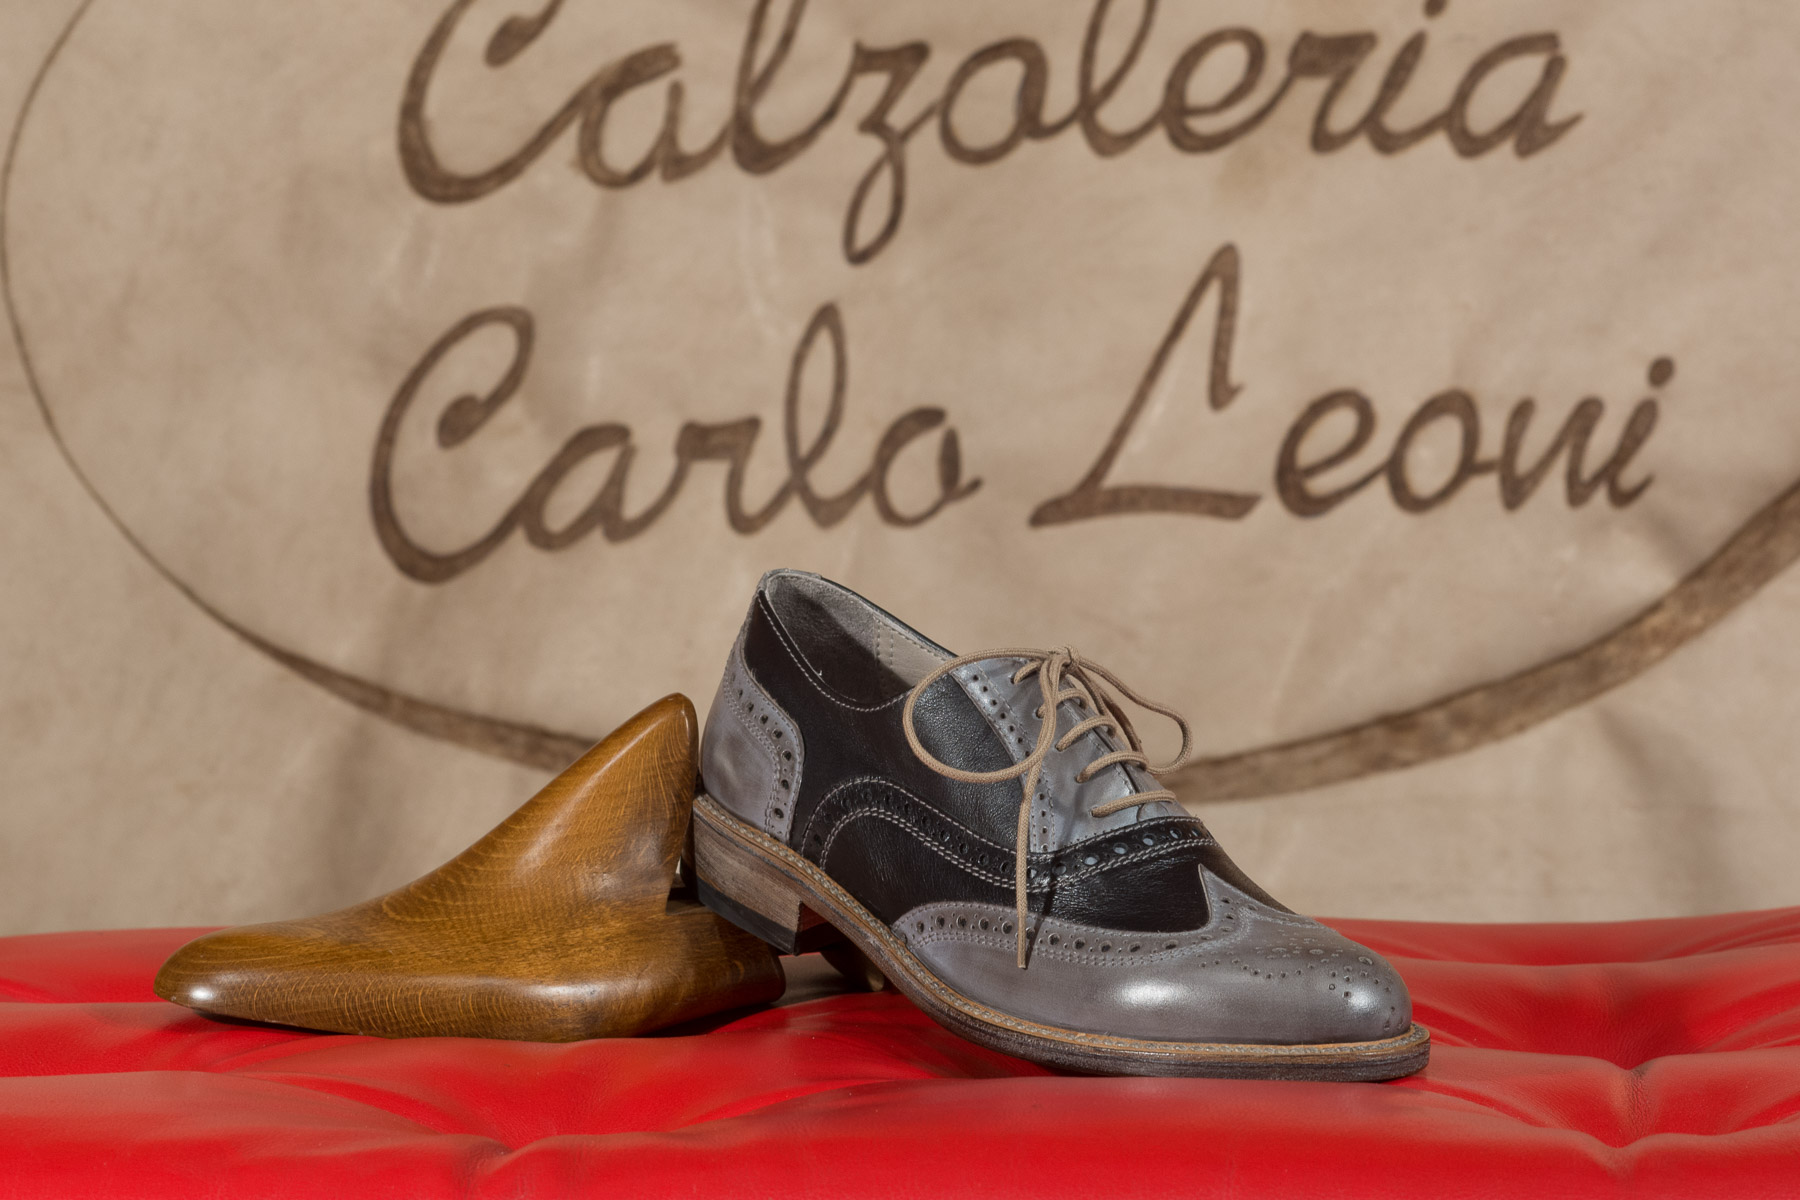 521e355570 Calzoleria Carlo Leoni - Calzature artigianali in cuoio e gomma ...